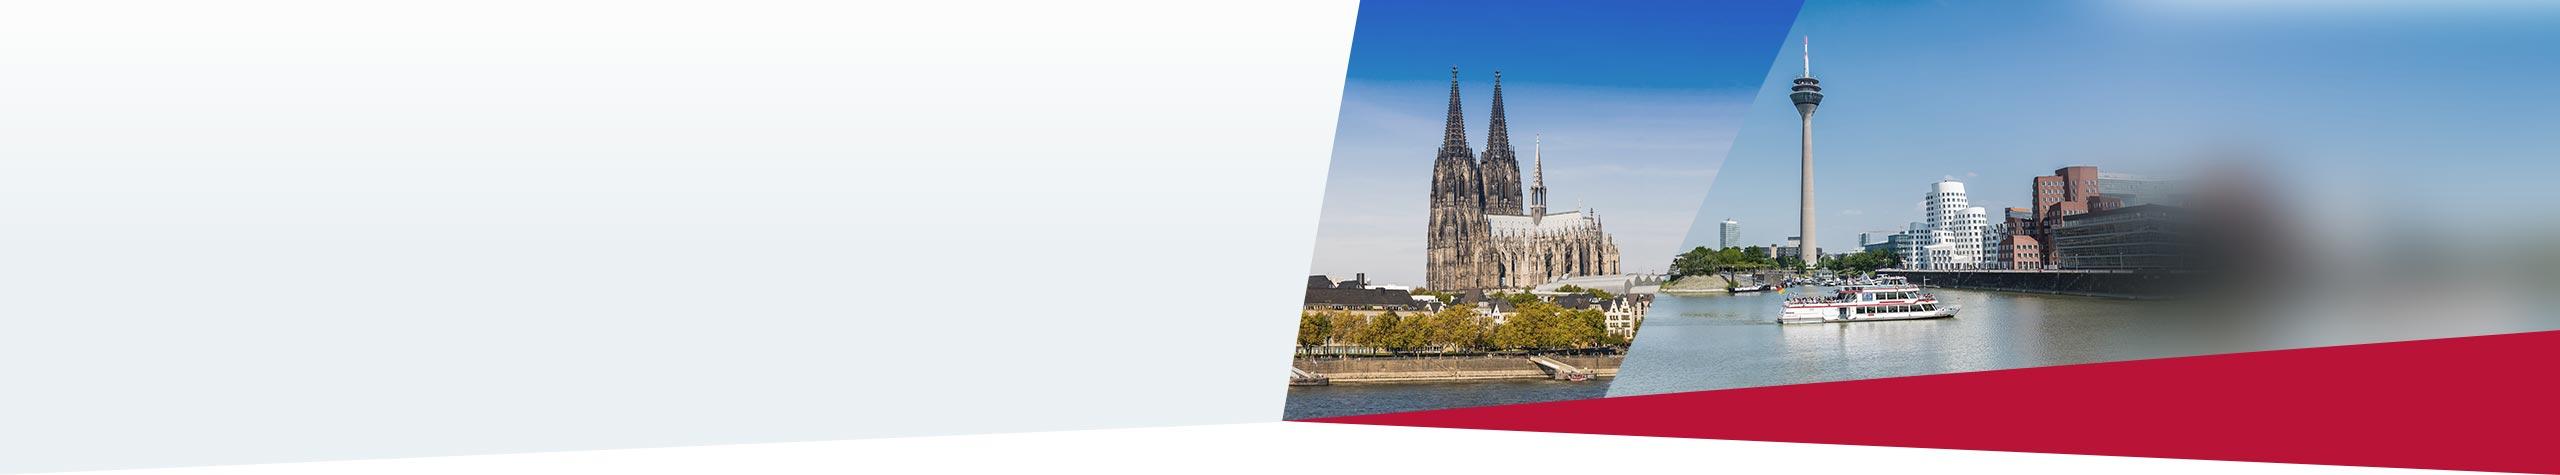 Köln-Düsseldorf Beratung und Service in Ihrer Nähe.